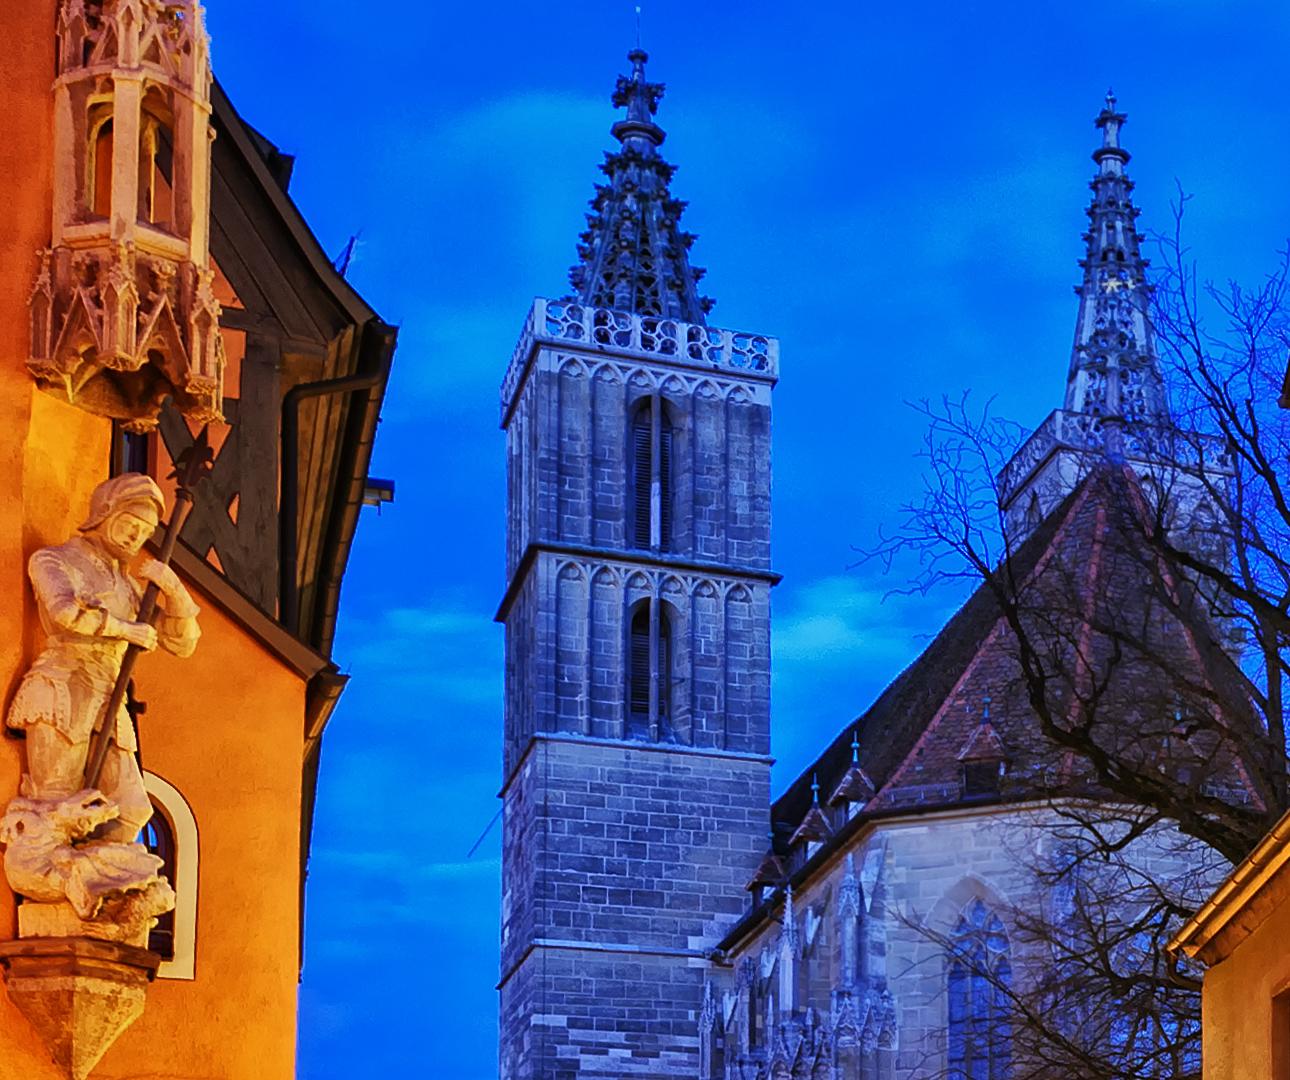 Christmas decoration lights, Rothenburg ob der Tauber, Germany